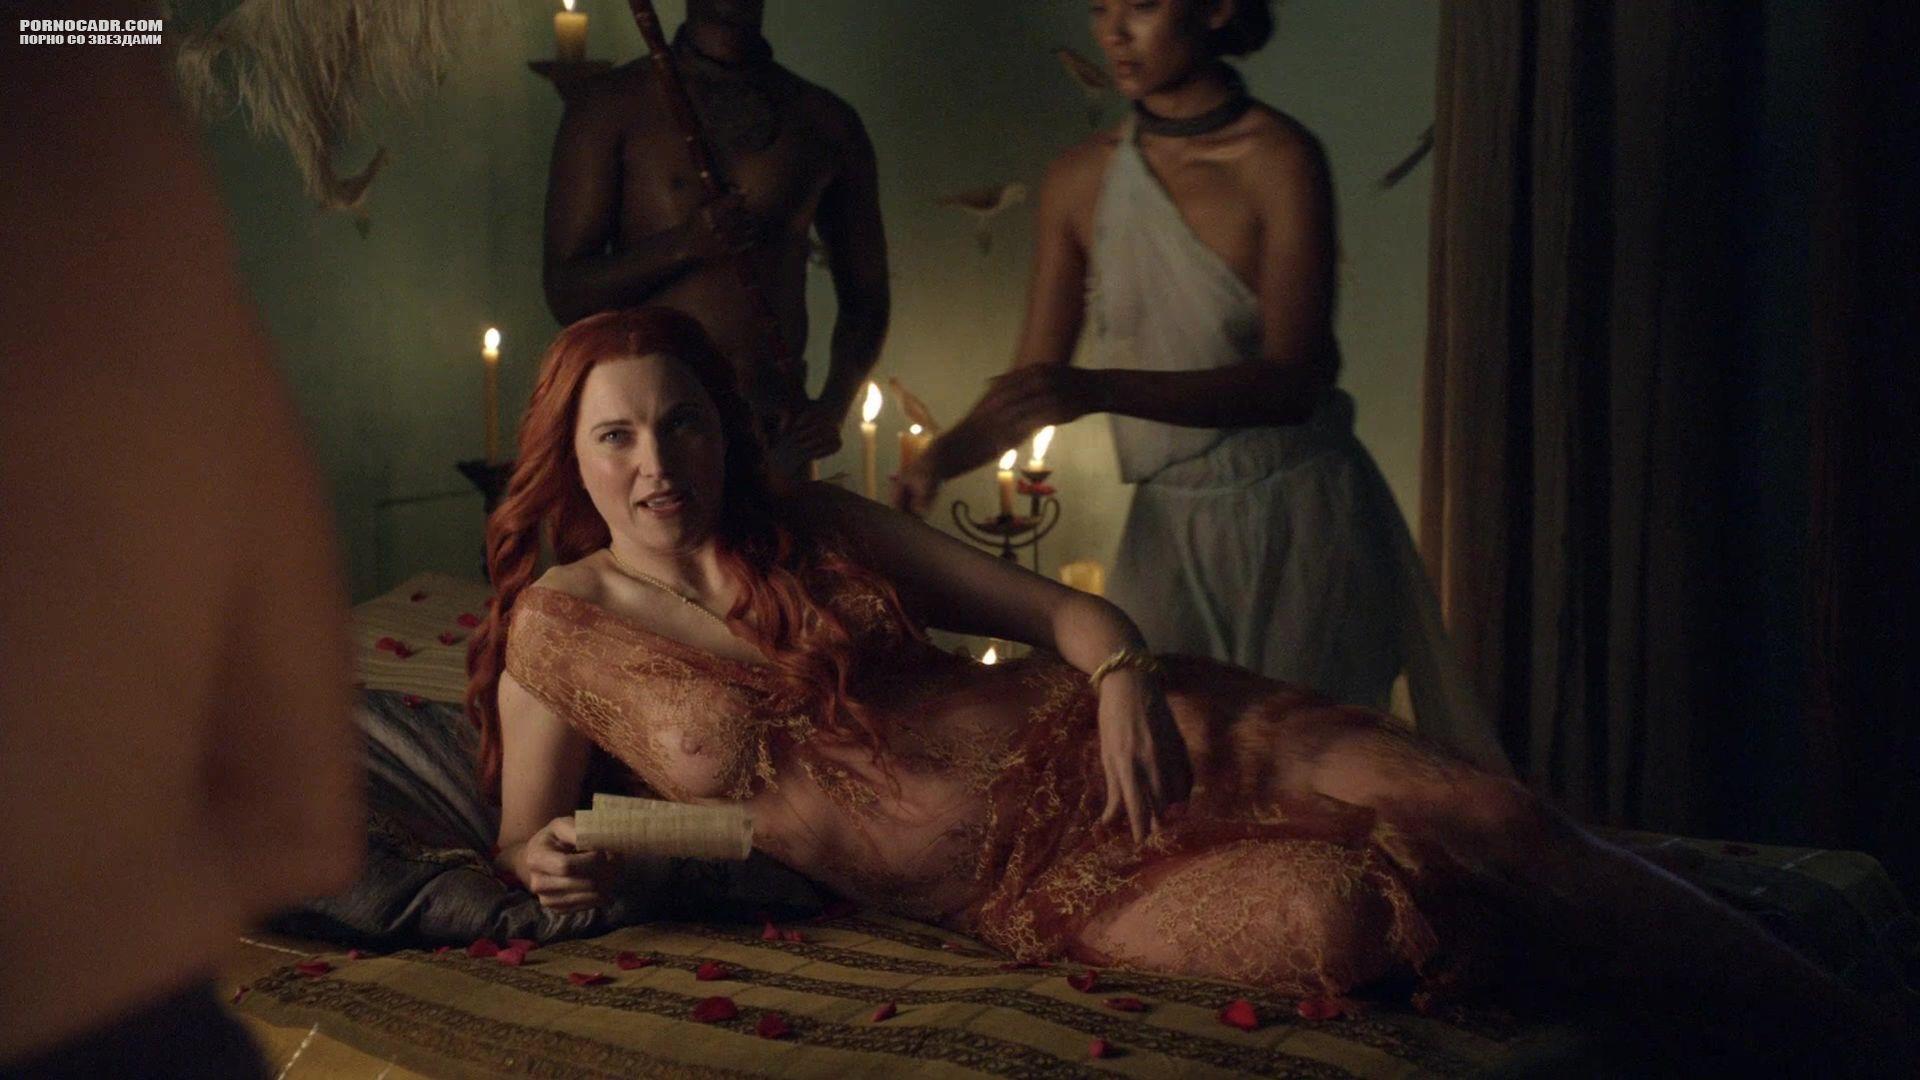 Эротический фильм спартак с русским переводом, женский оргазм ру видео